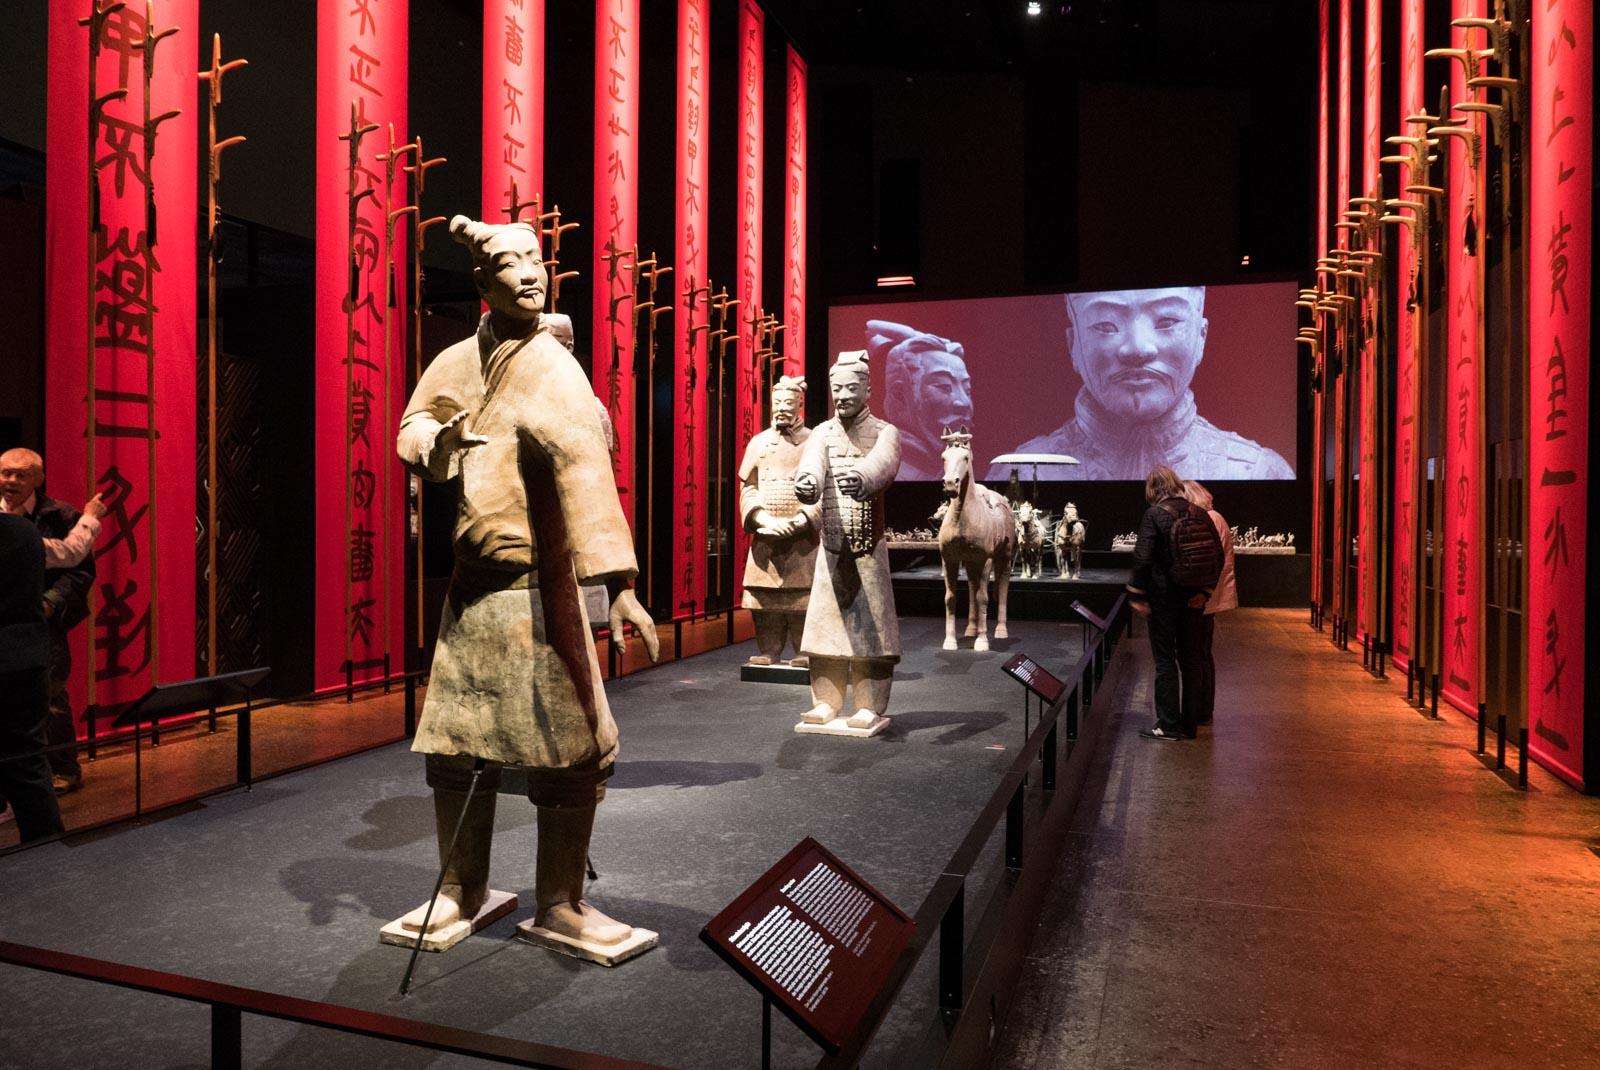 Noen av de over 7000 Terrakottakrigerne som vokter keiserens grav